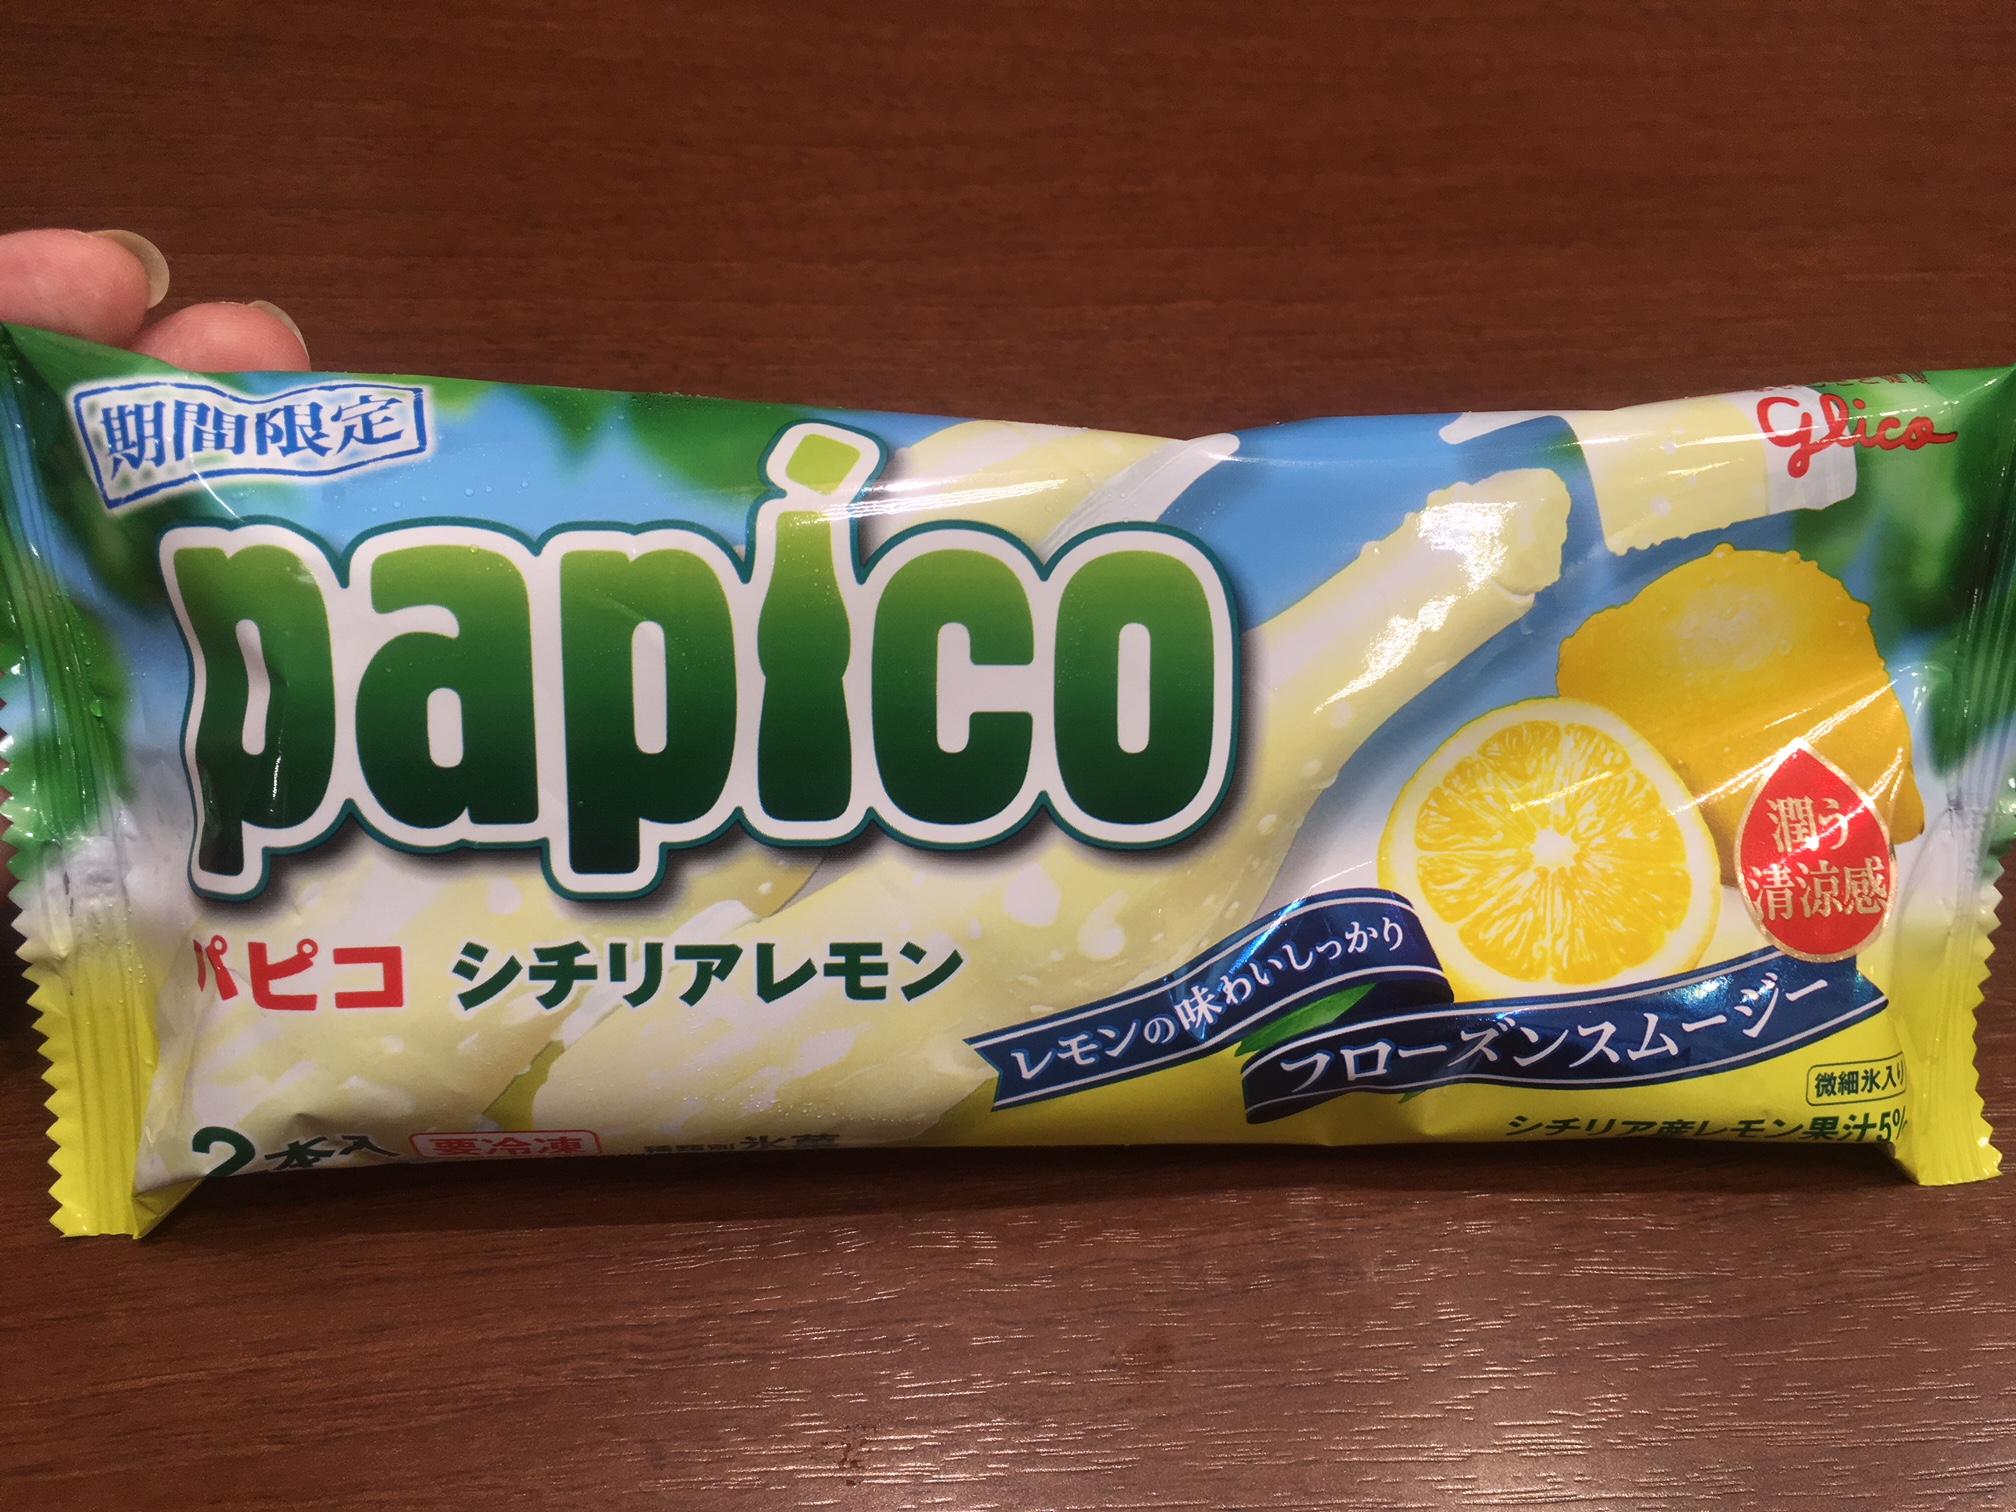 【期間限定アイス】papico パピコのシチリアレモン 44年も愛され続ける理由